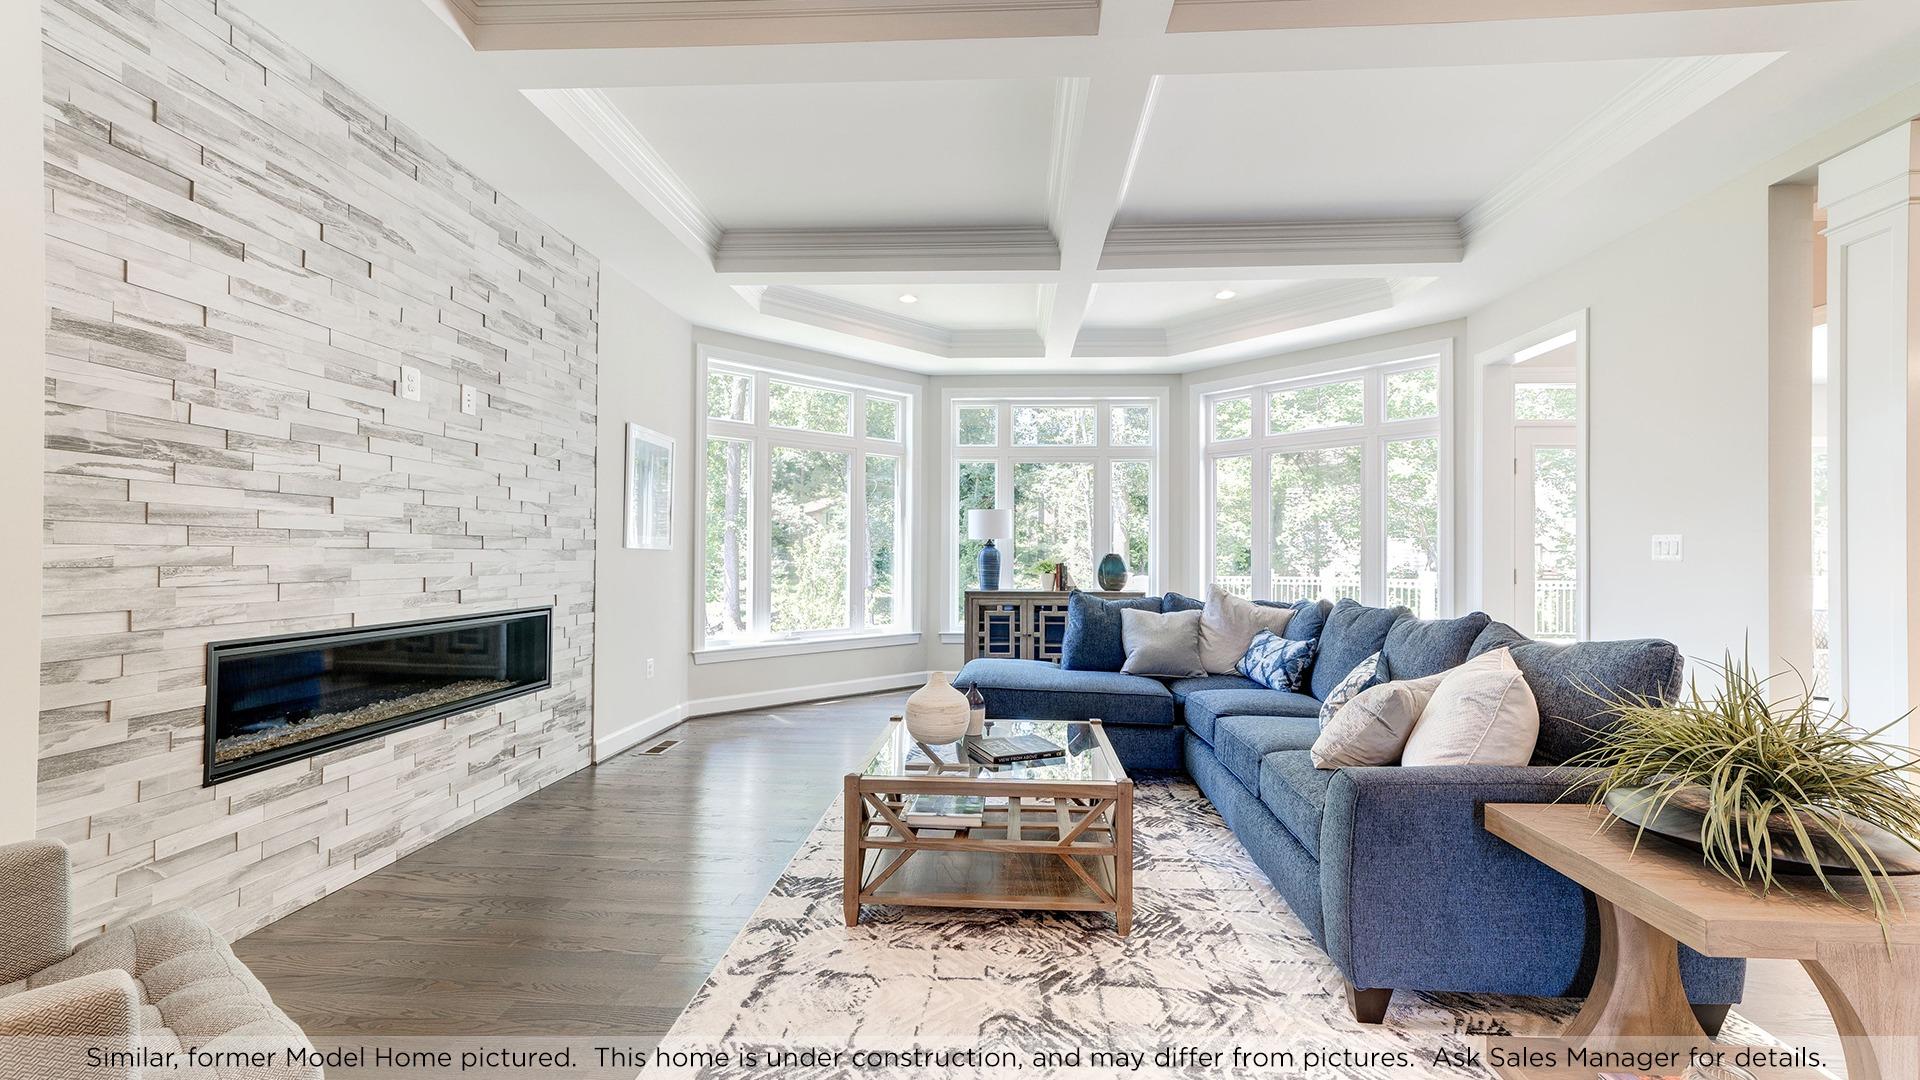 Family Room, similar Model Home